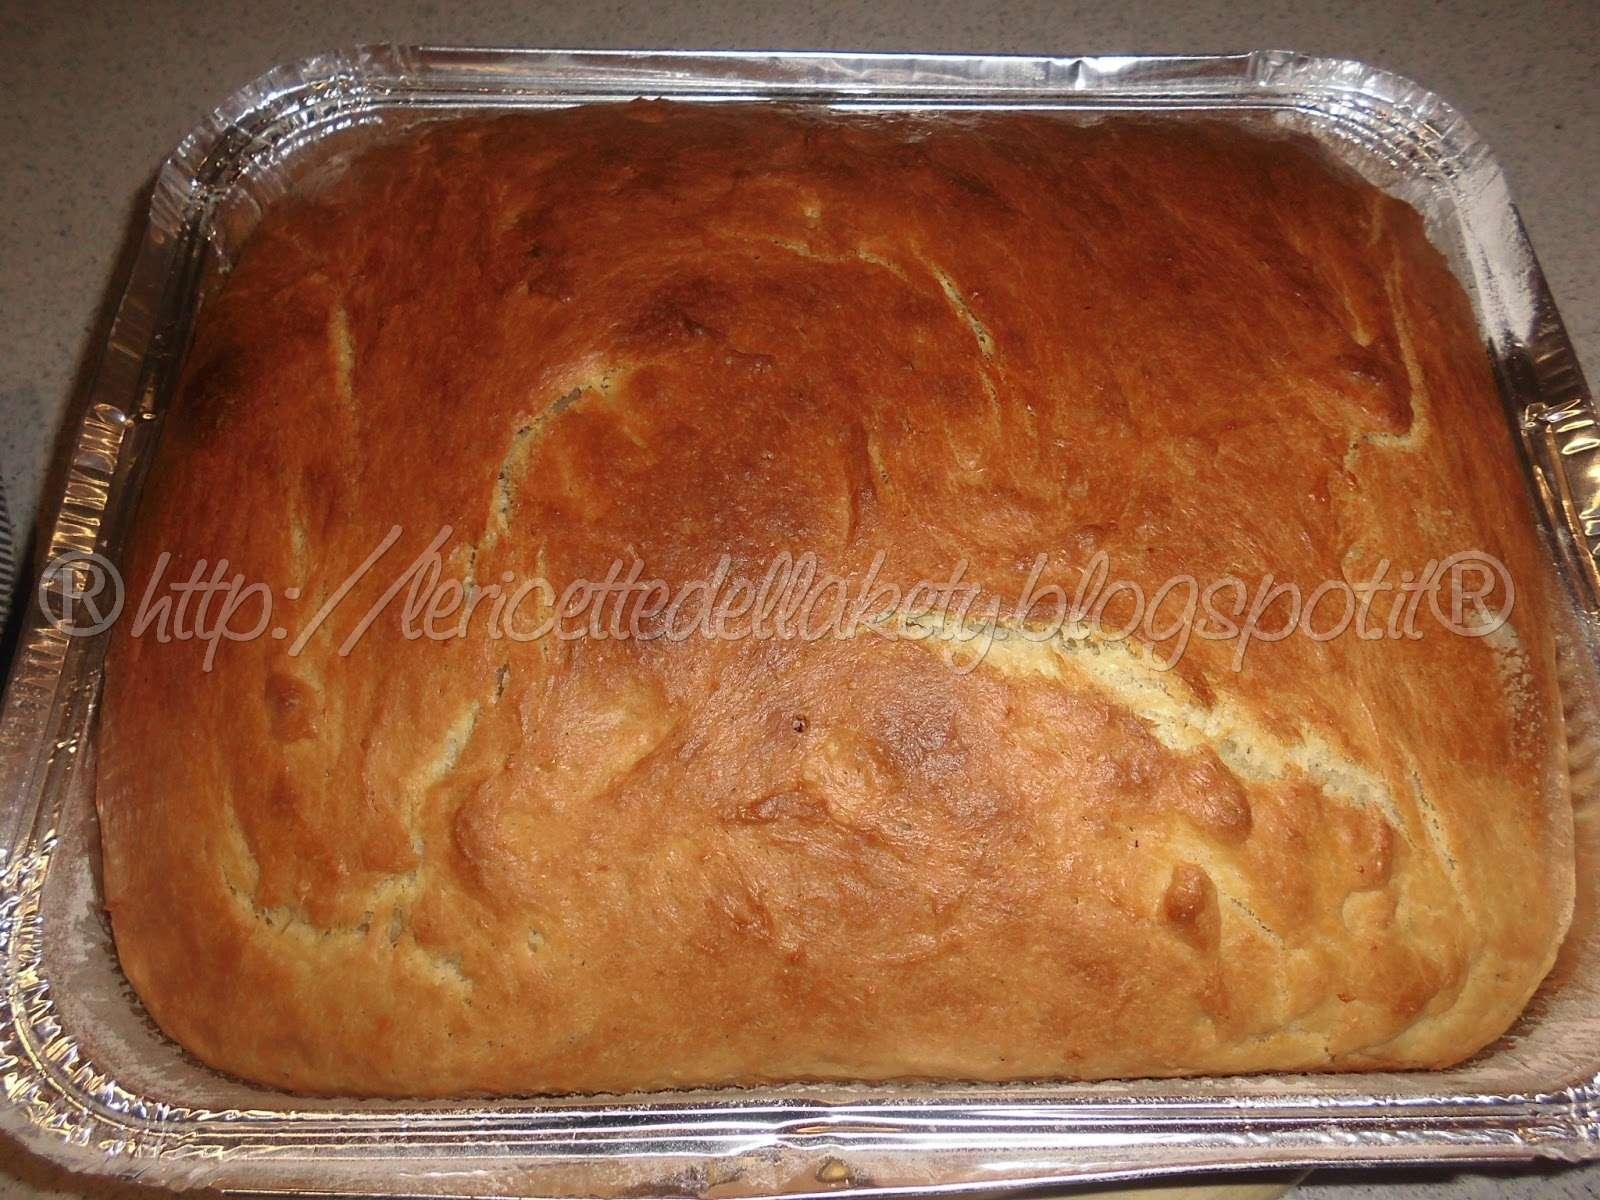 schiacciata fiorentina ricetta tradizionale